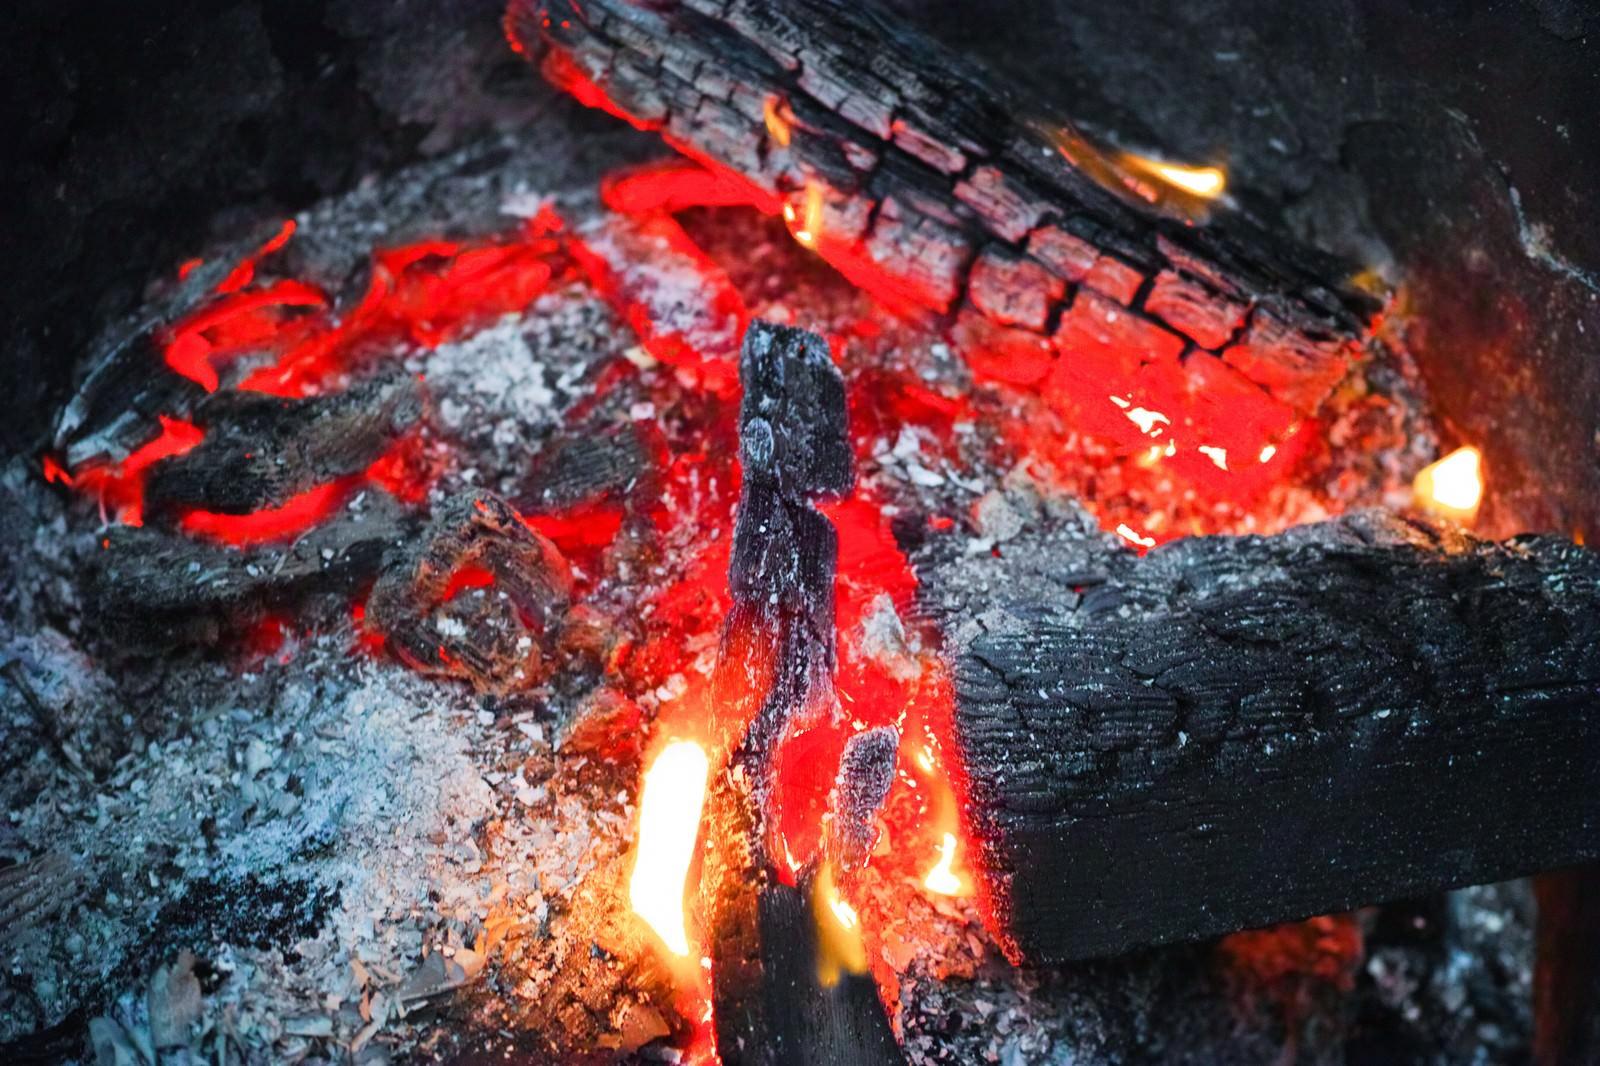 「赤く燃える木炭」の写真